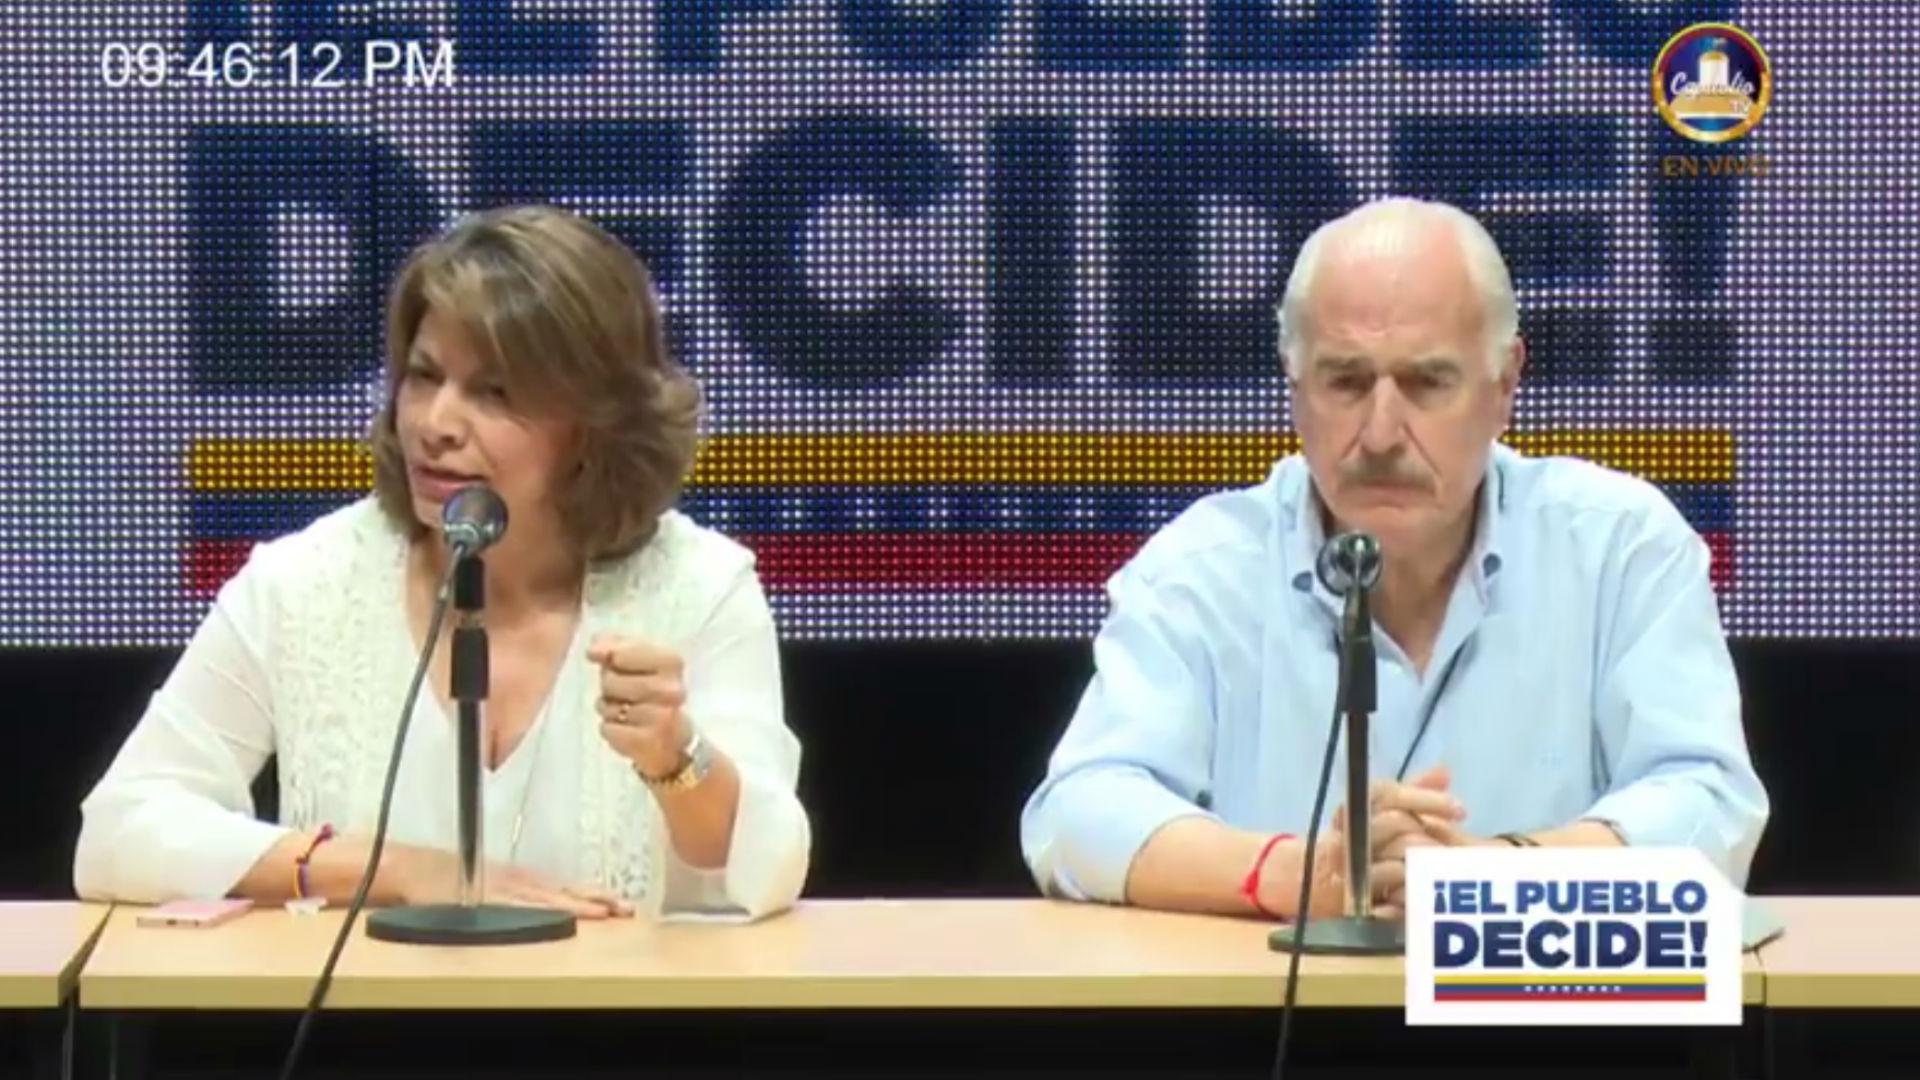 El ex presidente colombiano Andrés Pastarana y la ex presidente de Costa Rica, Laura Chinchilla